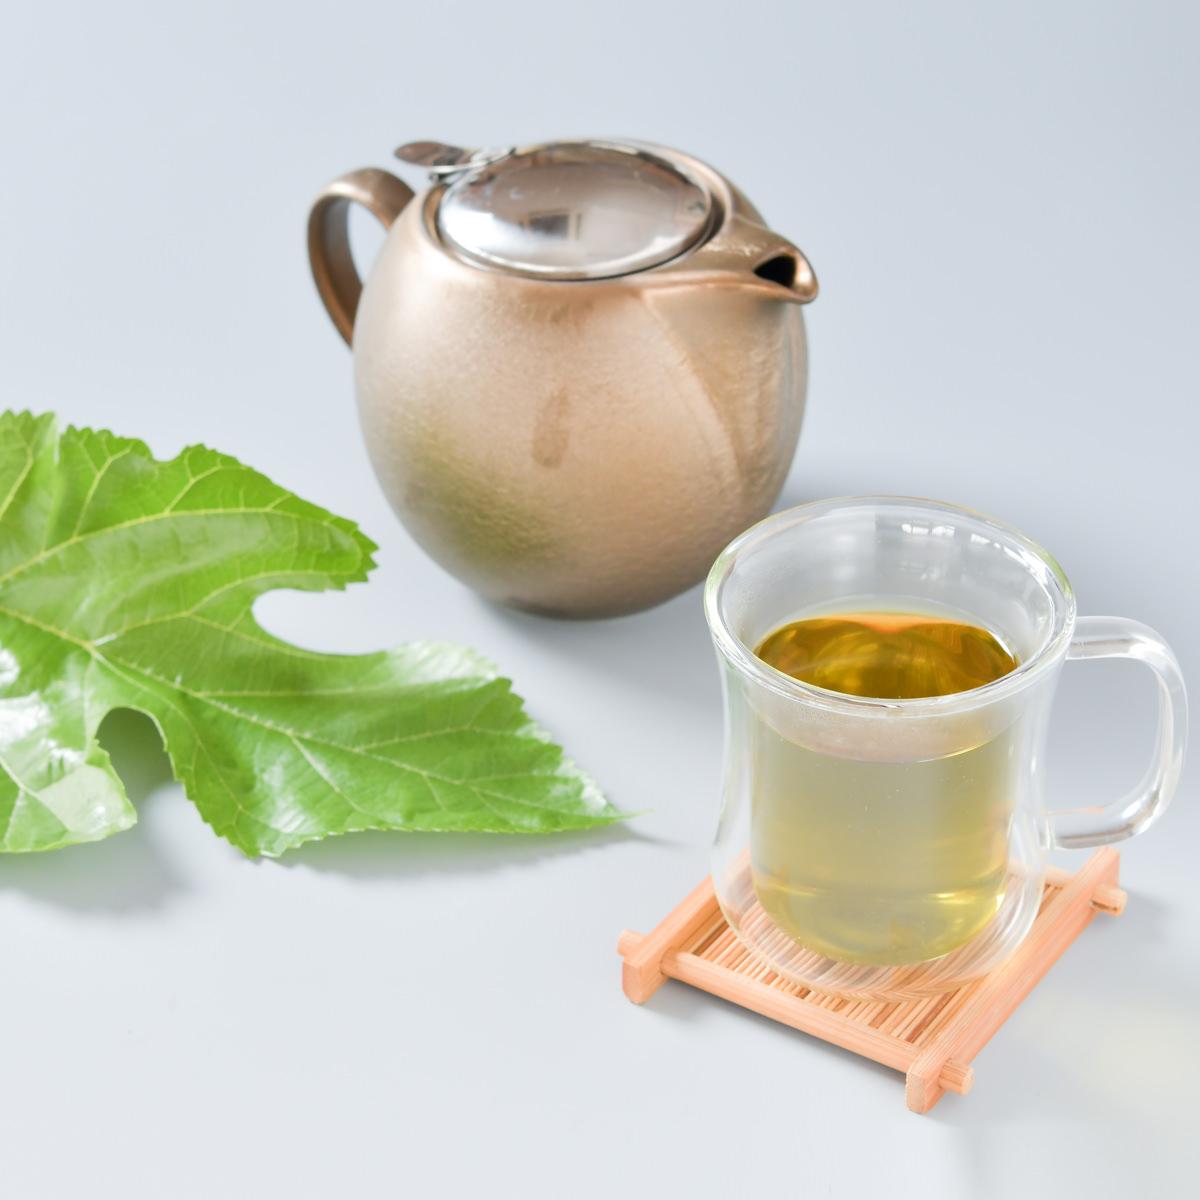 桑郷 山梨県 ハンさんのおいしいくわ茶リーフ2個セット 国産ノンカフェインのお茶 無農薬 桑の葉茶〔100g×2〕